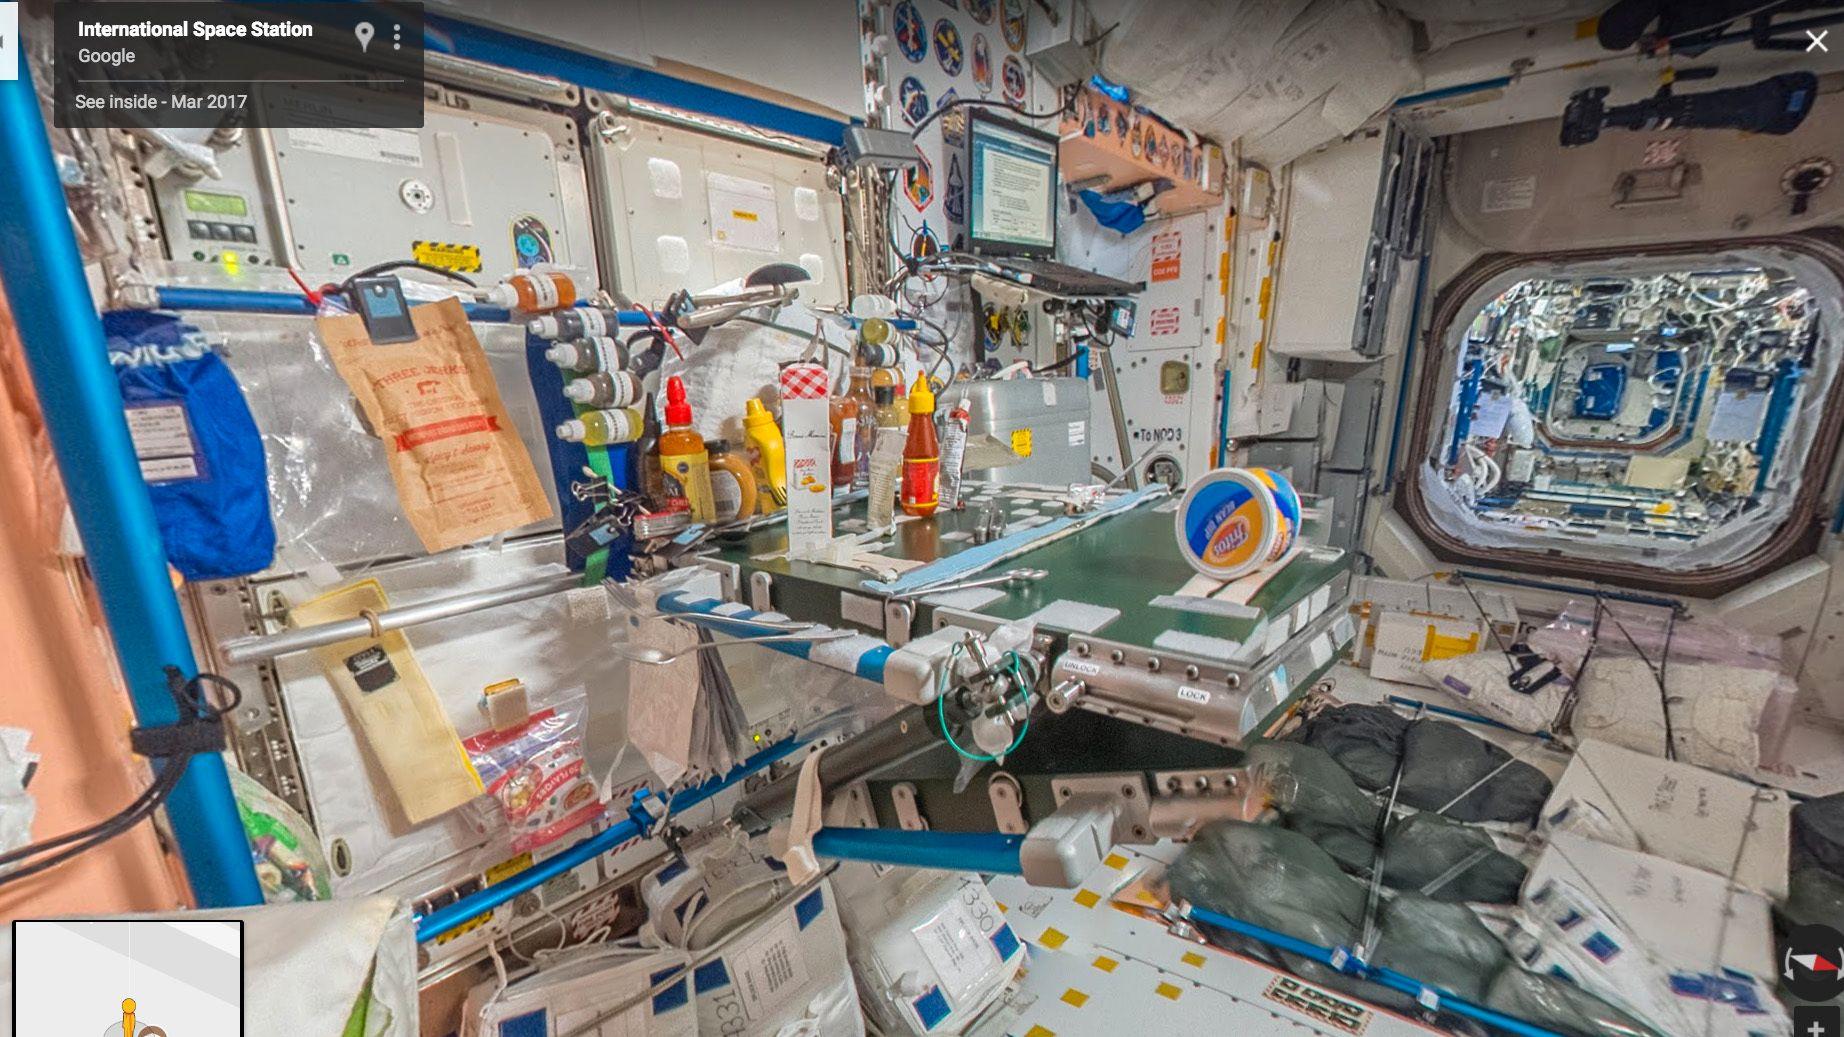 Besøk romstasjonen i Street View